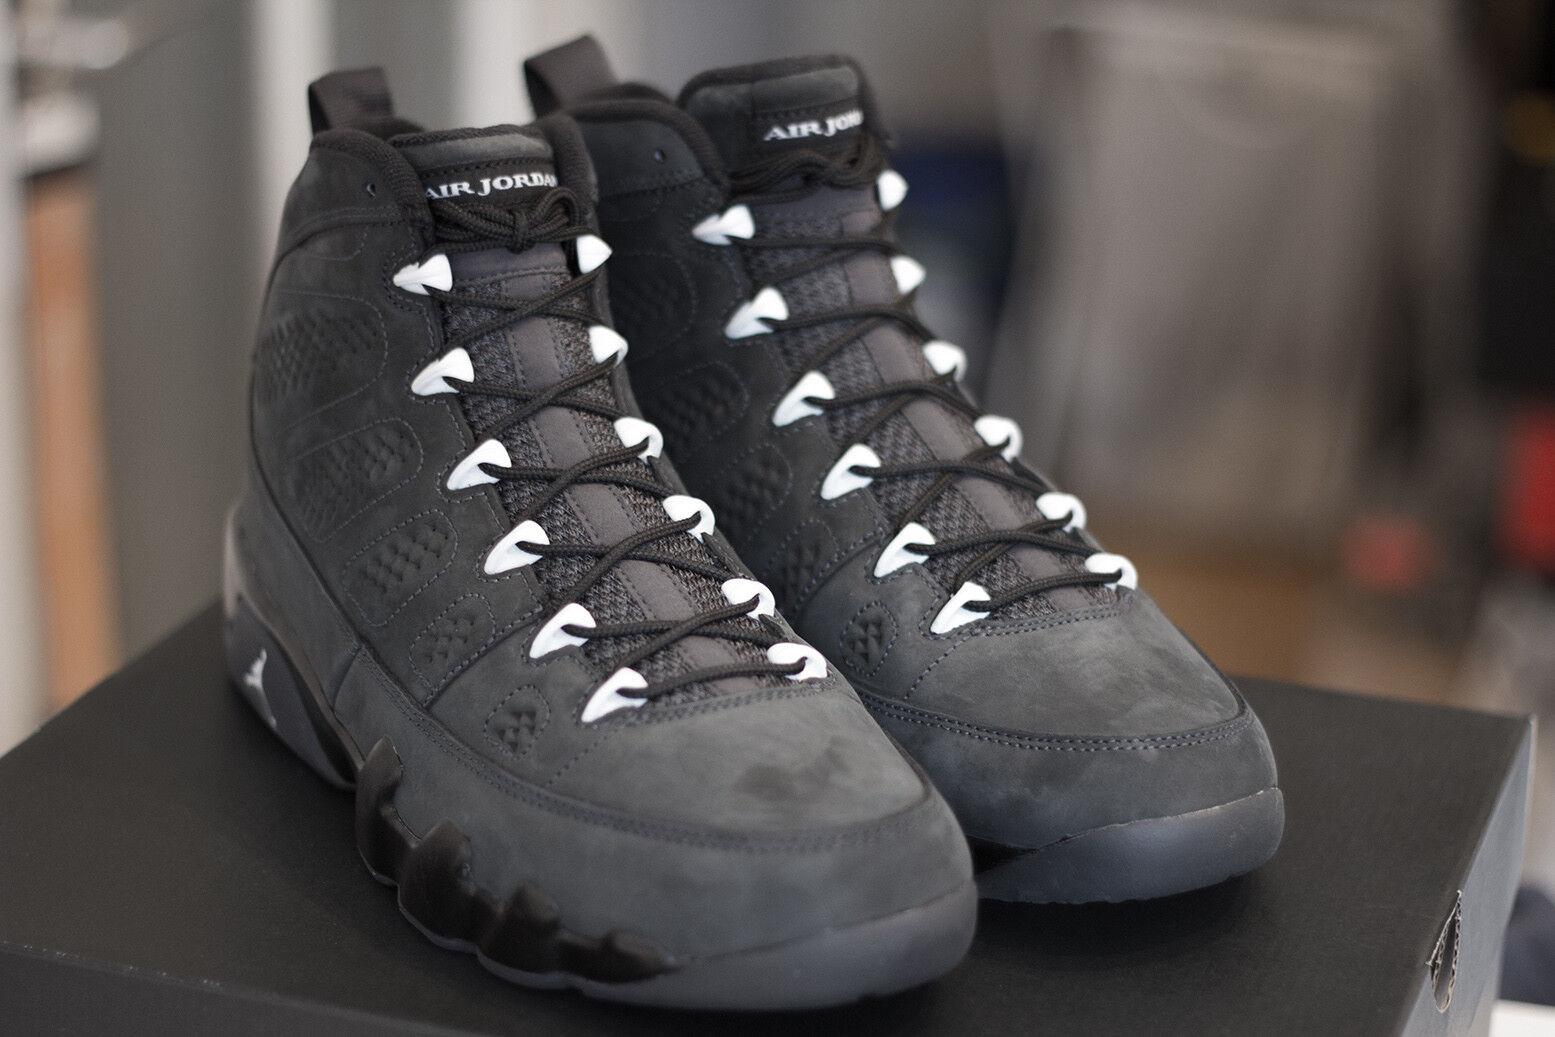 Nike Air Gris Jordan 9 Anthracite Grau Gris Air 10.5 44.5 3 6 5 10 2 Bin 23 302370 013 75d52b